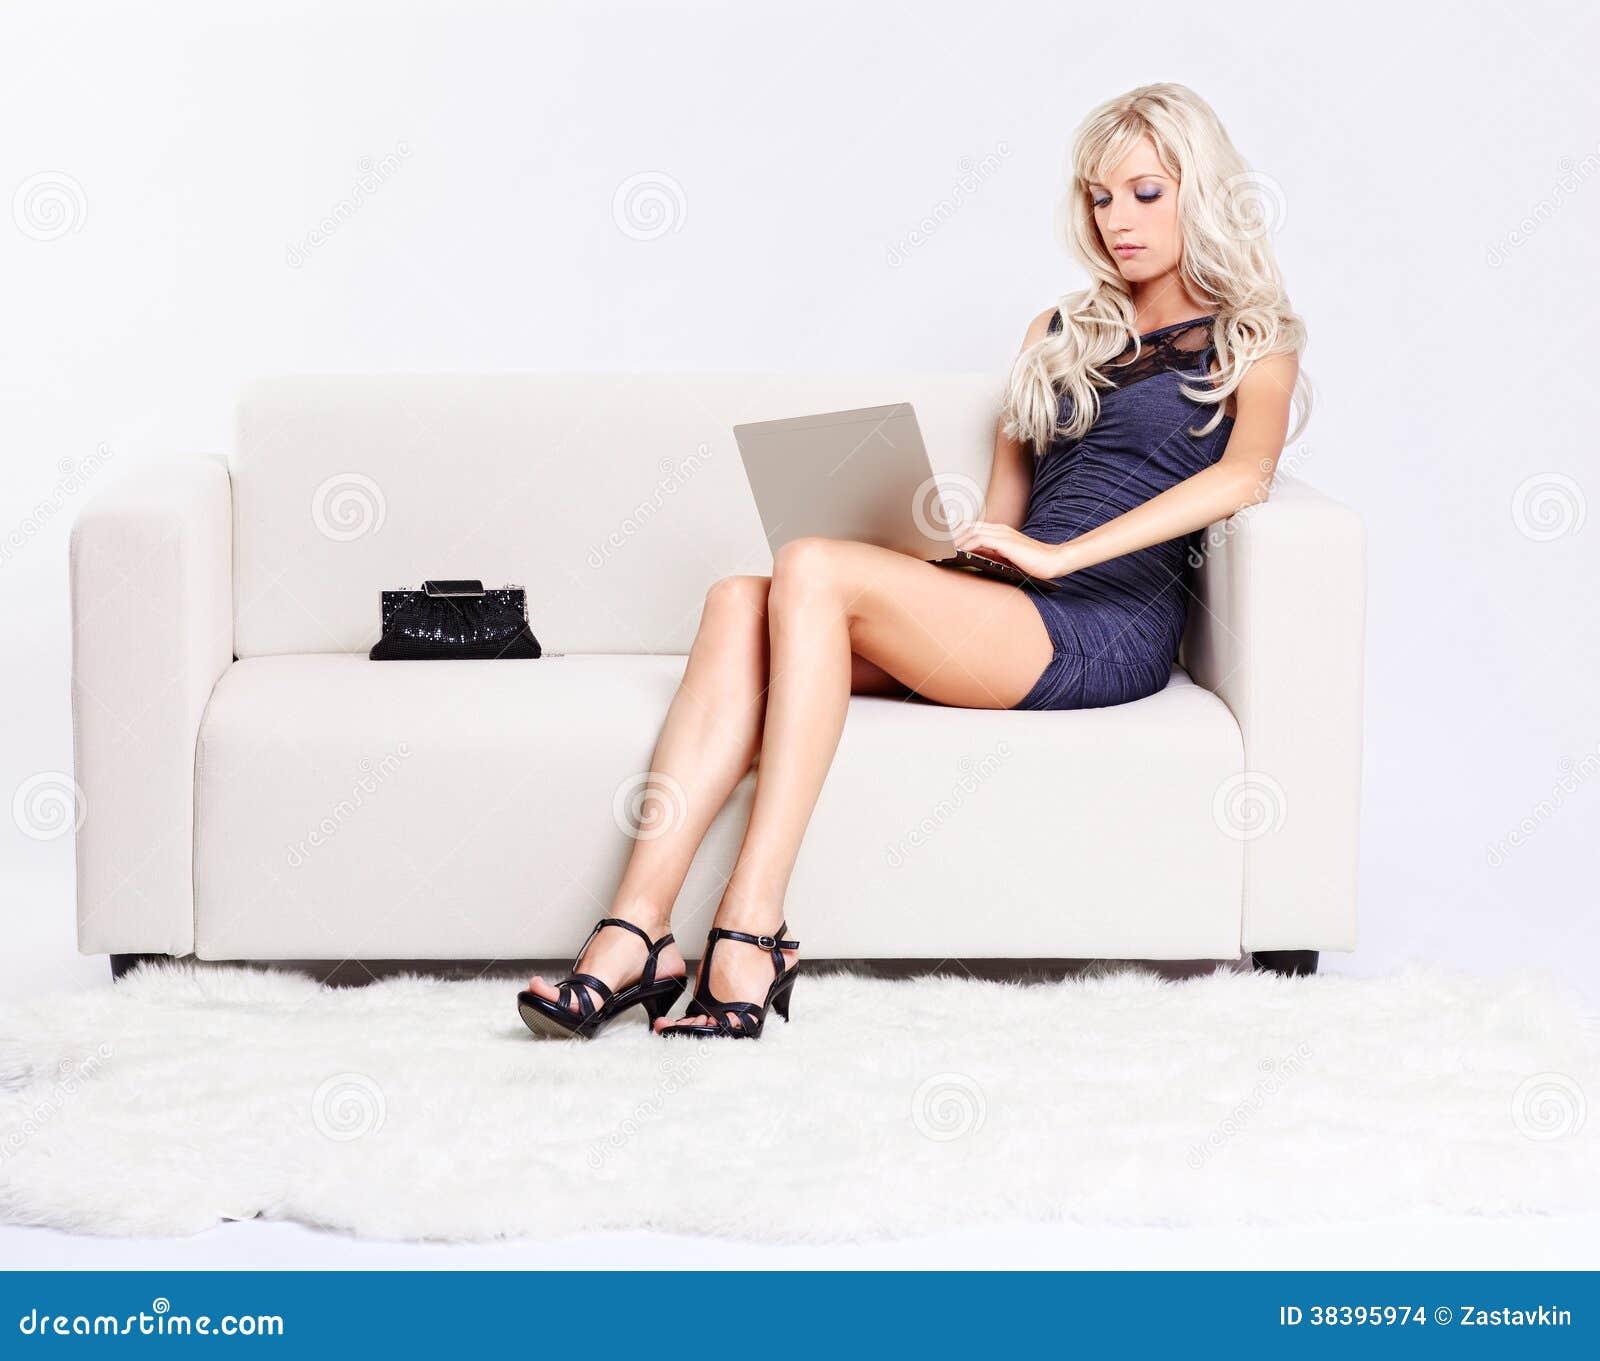 Сидеть на полных коленях фото 11 фотография